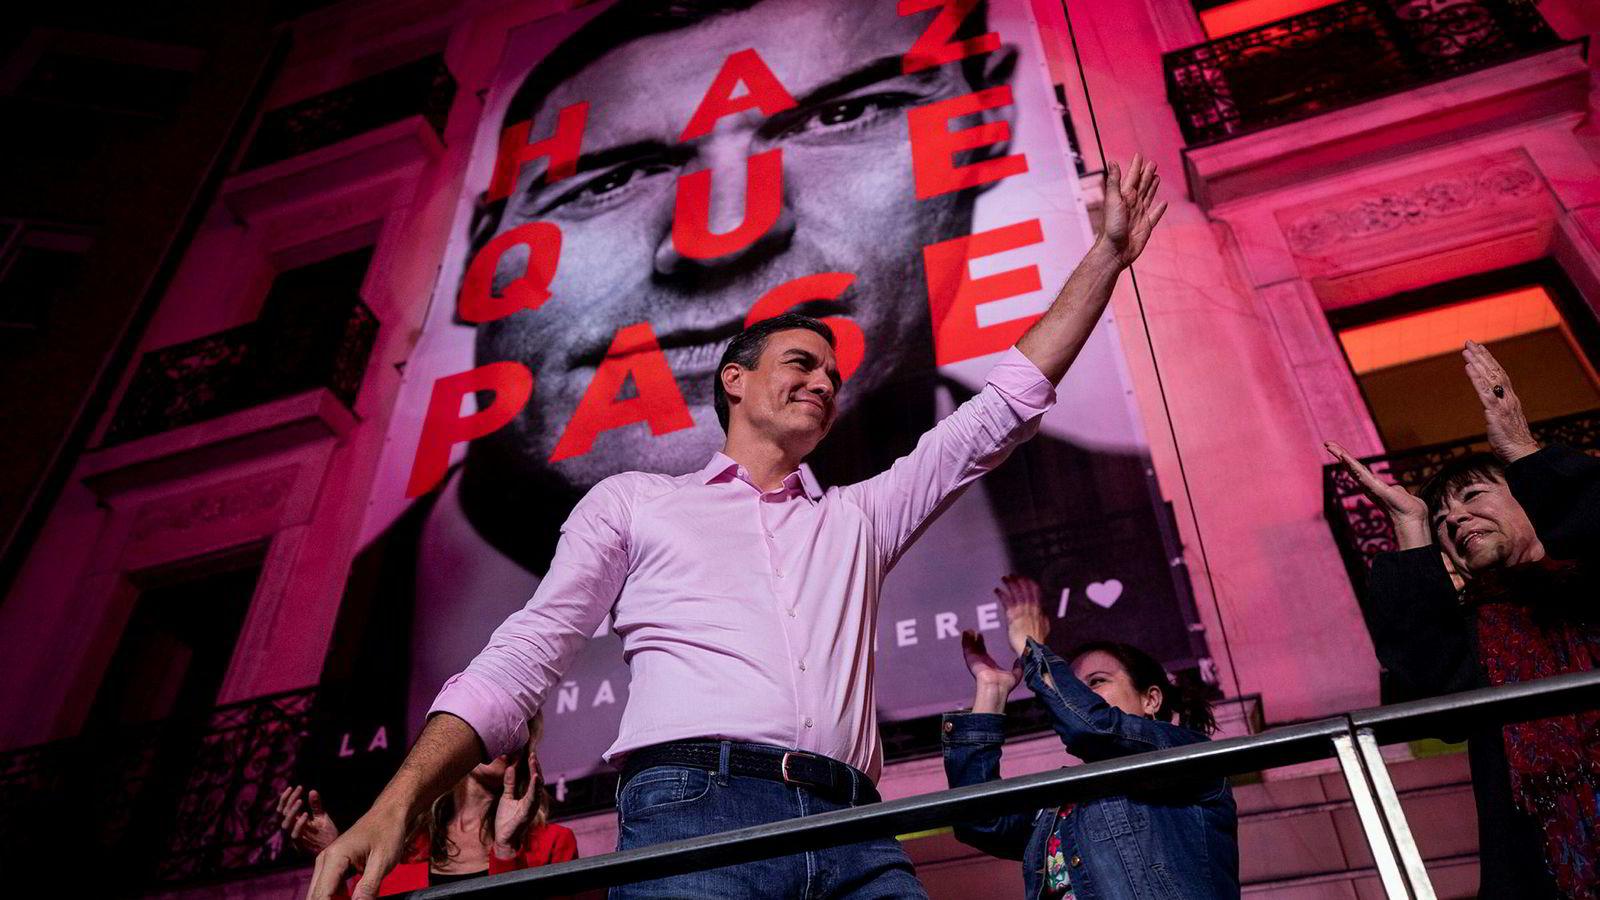 Sosialdemokraten Pedro Sánchez er den store vinneren i valget i Spania, og han fortsetter sannsynligvis som statsminister.